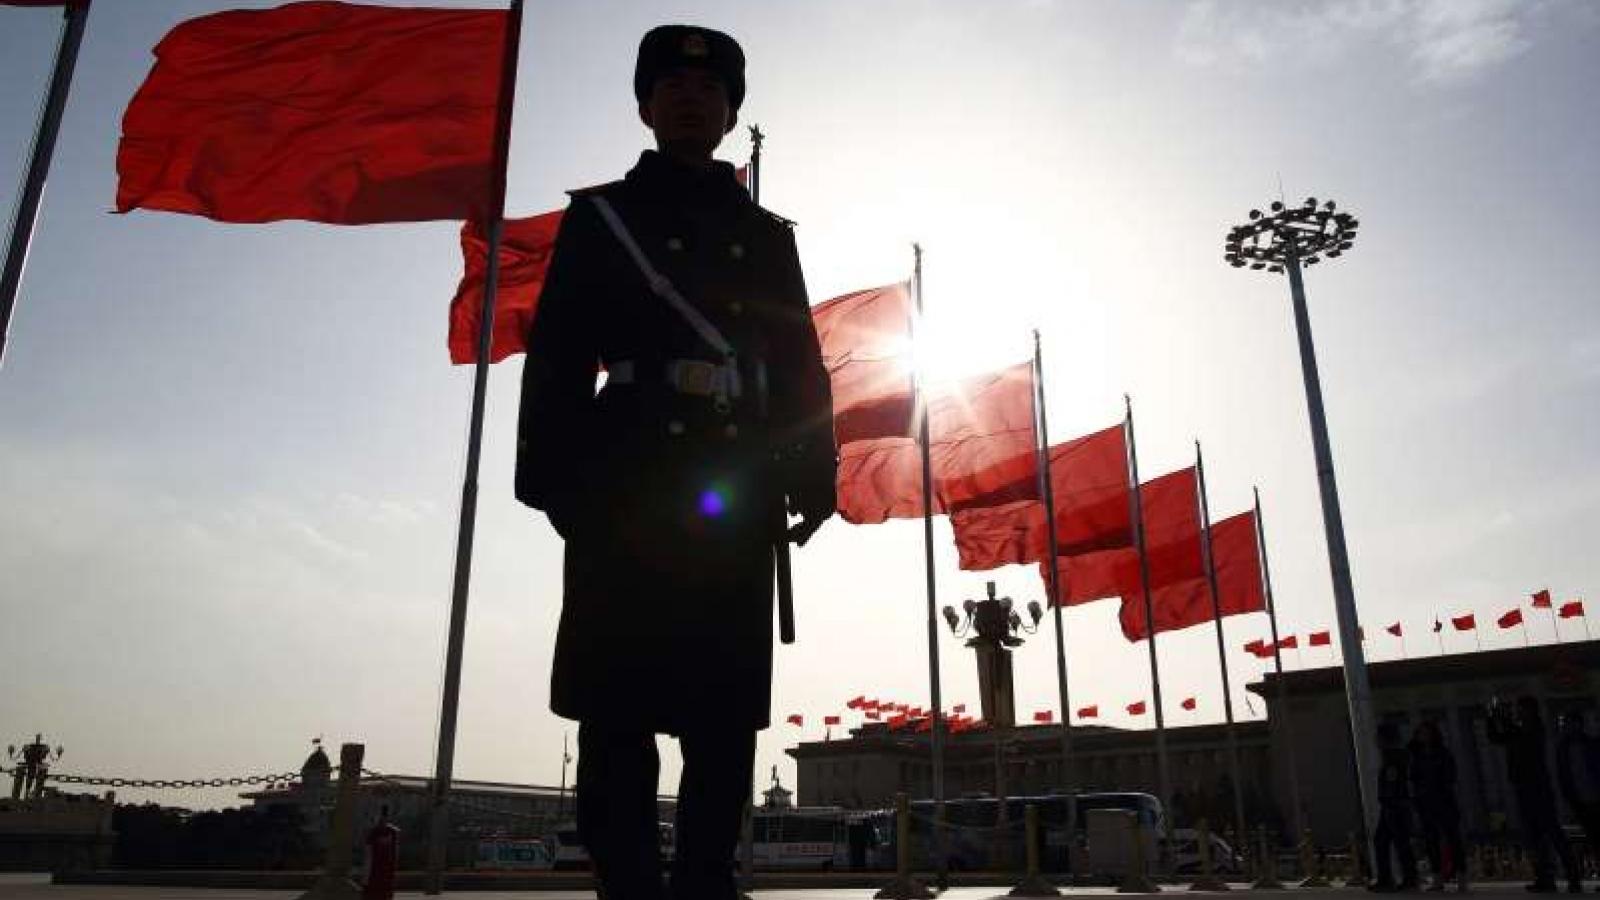 Giải mật chiến lược kiềm chế Trung Quốc: Mục đích thực sự của chính quyền Trump là gì?